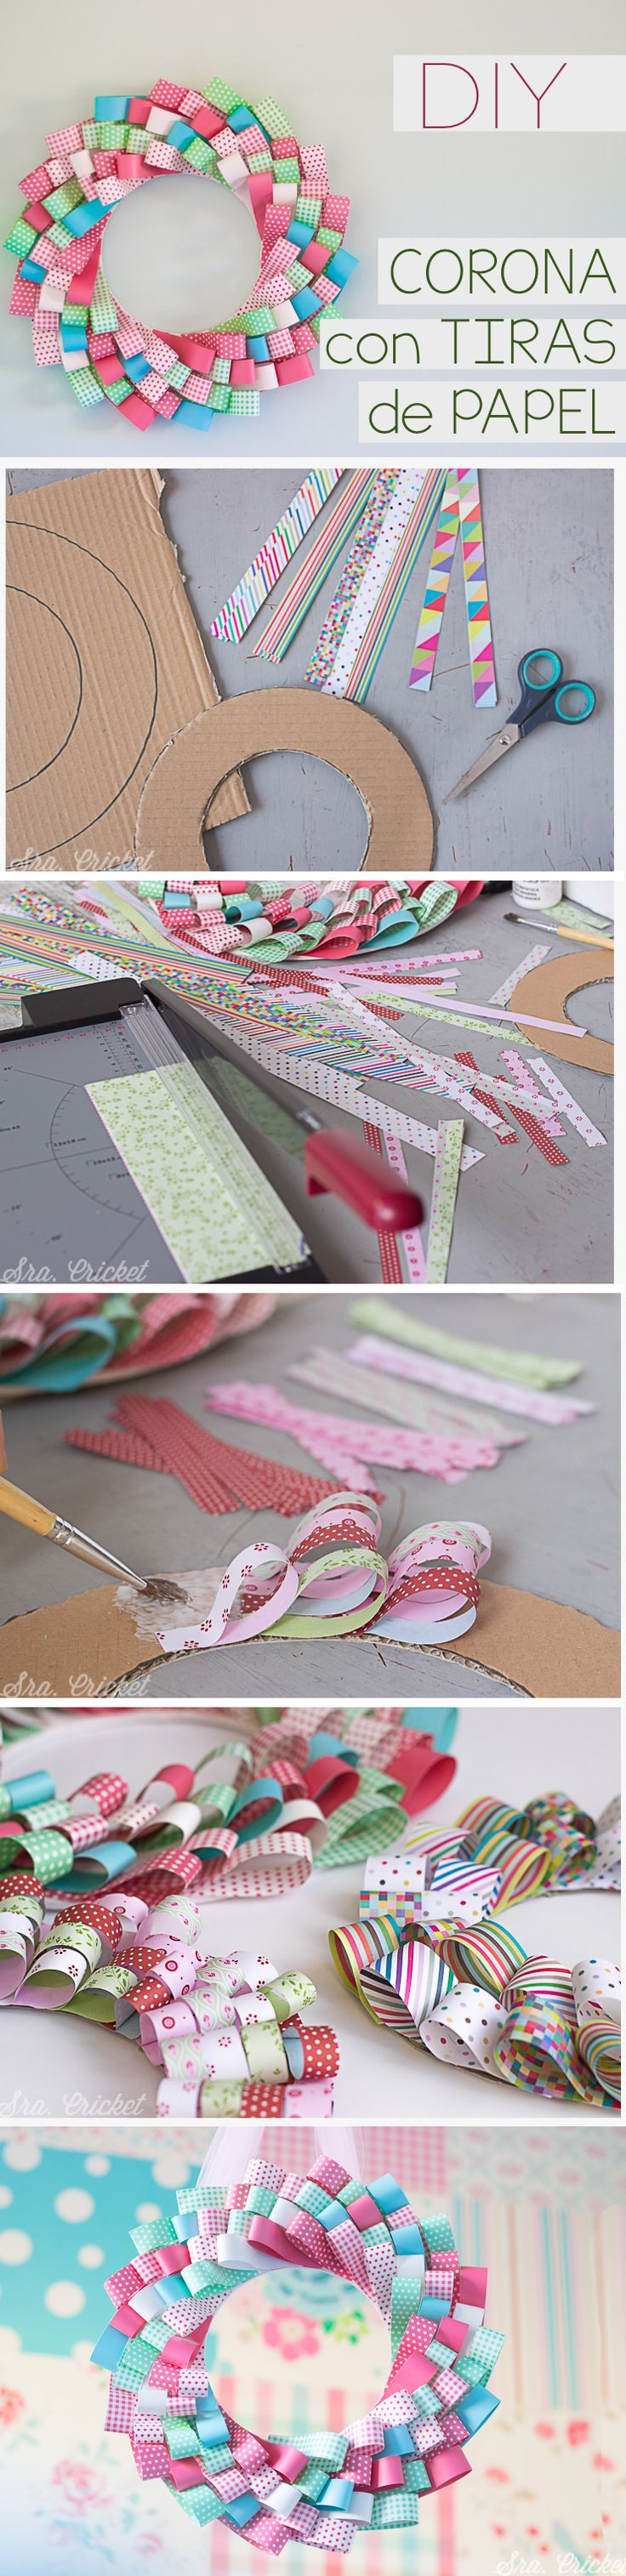 Corona de papel handame. Un tutorial DIY para hacer un corona con tiras de papel by sracricket.com                                                                                                                                                     Más